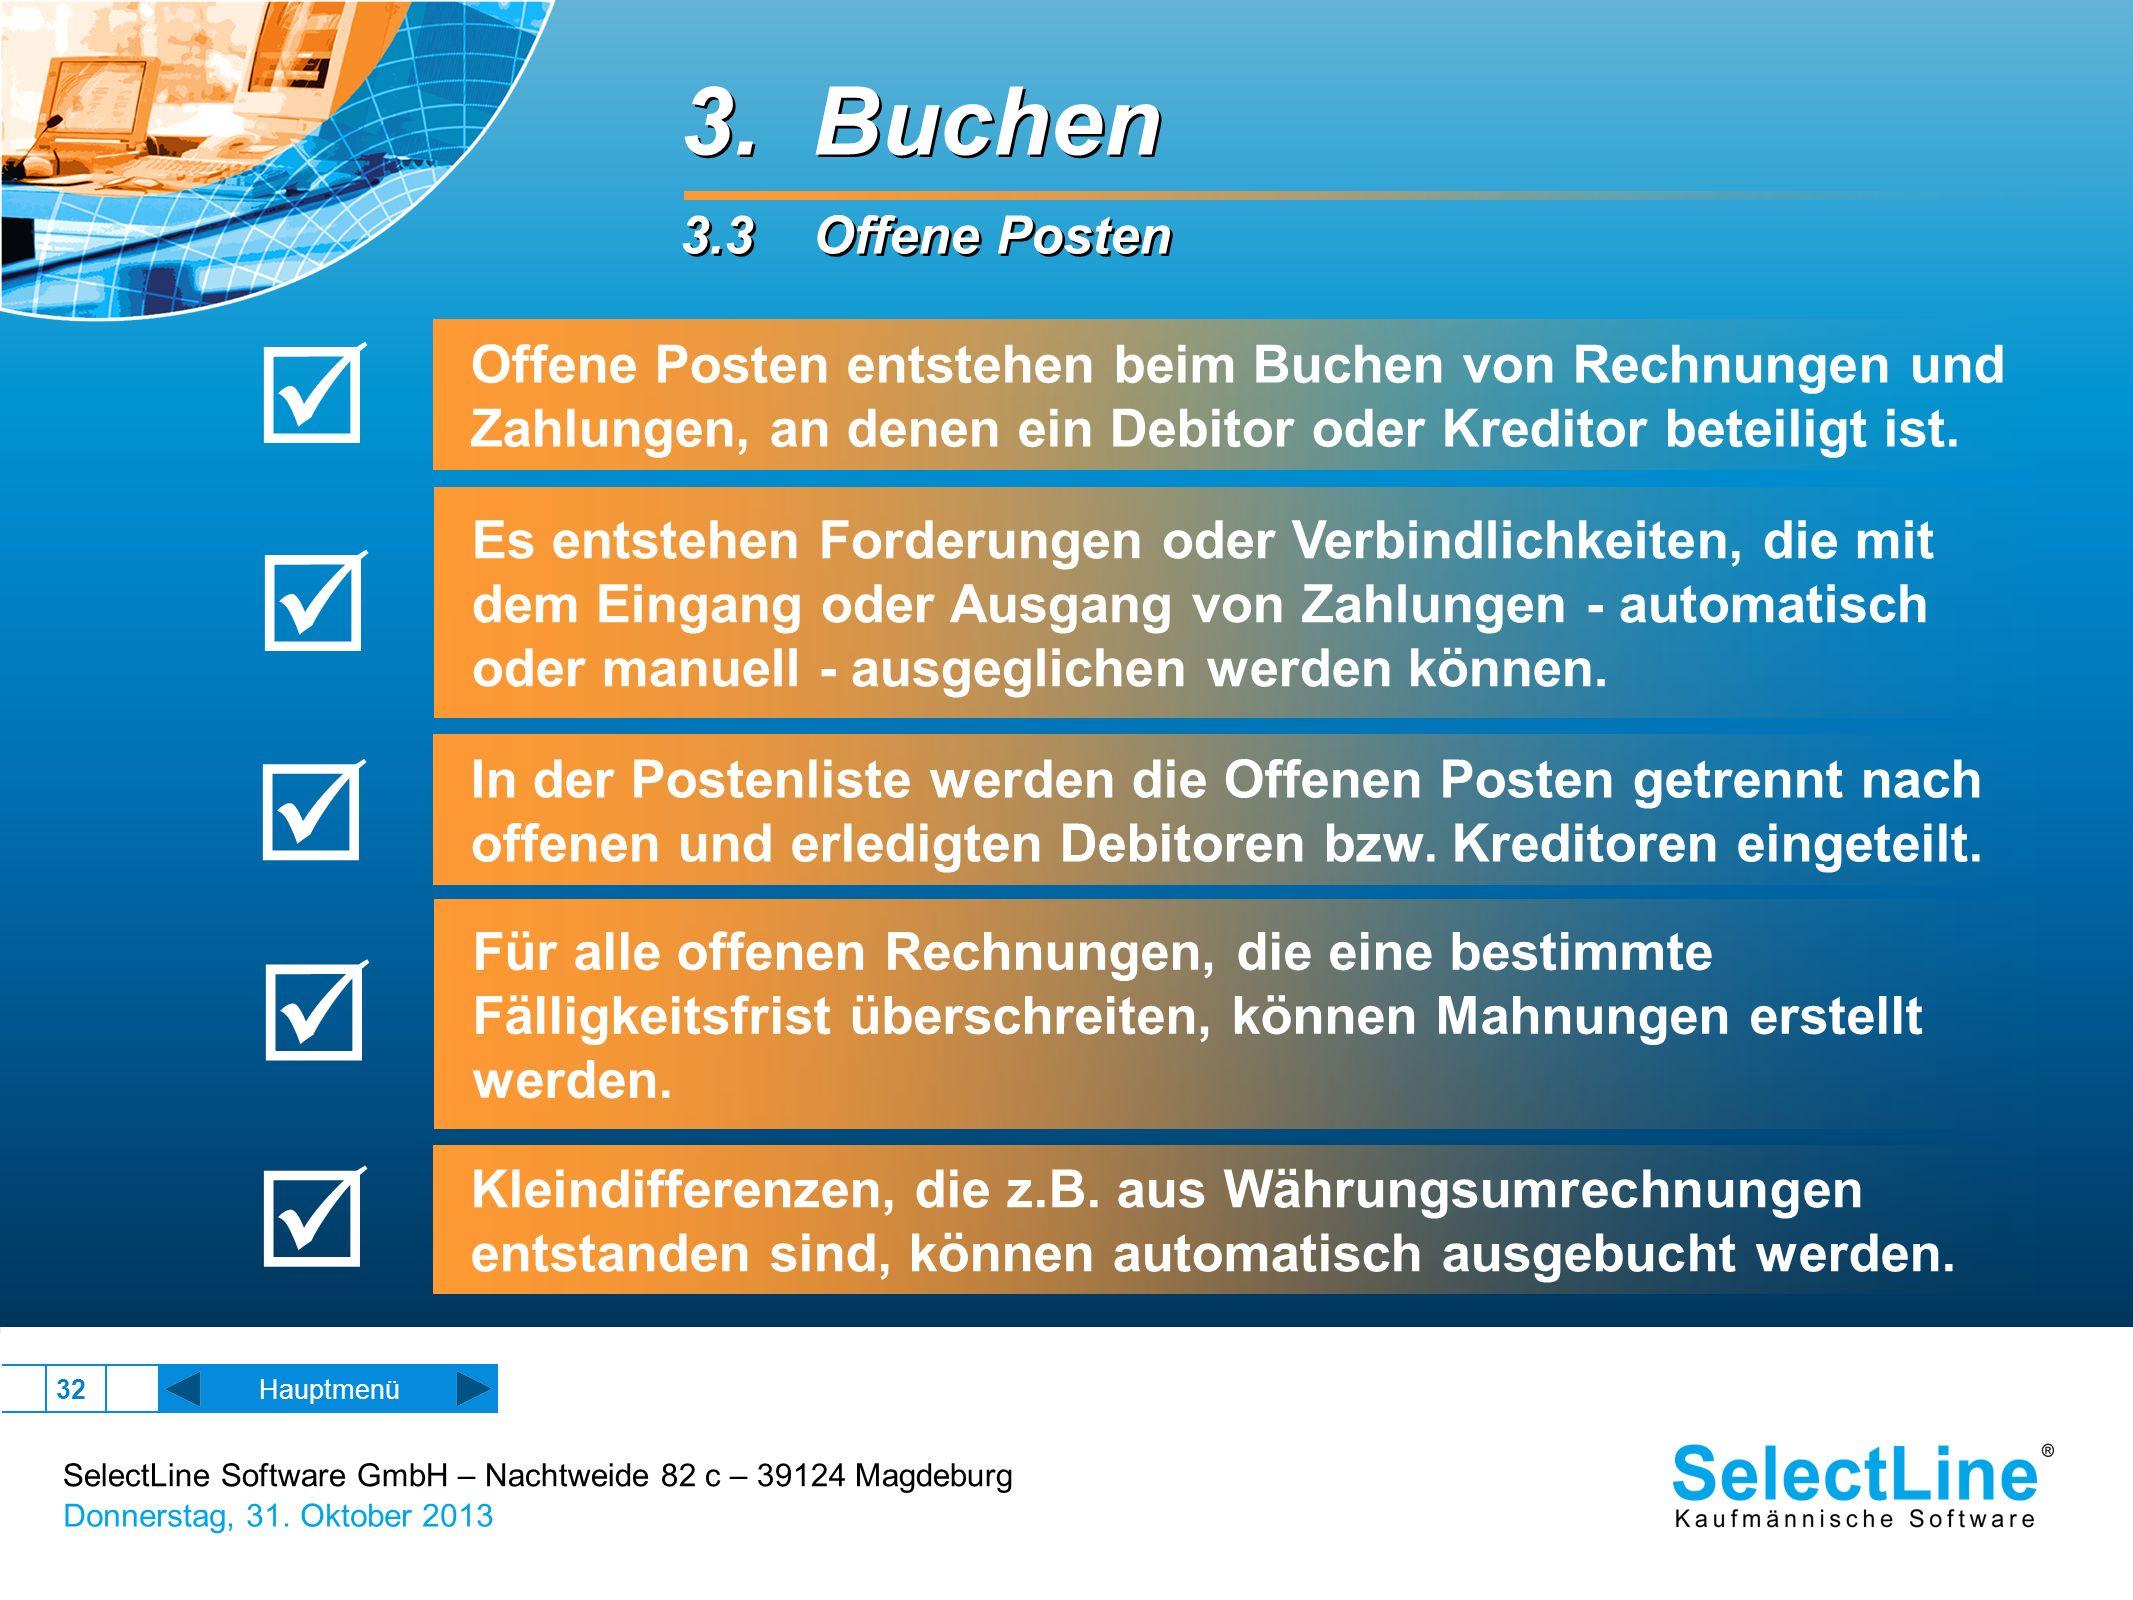 SelectLine Software GmbH – Nachtweide 82 c – 39124 Magdeburg Donnerstag, 31. Oktober 2013 32 Hauptmenü 3. Buchen 3.3 Offene Posten 3. Buchen 3.3 Offen